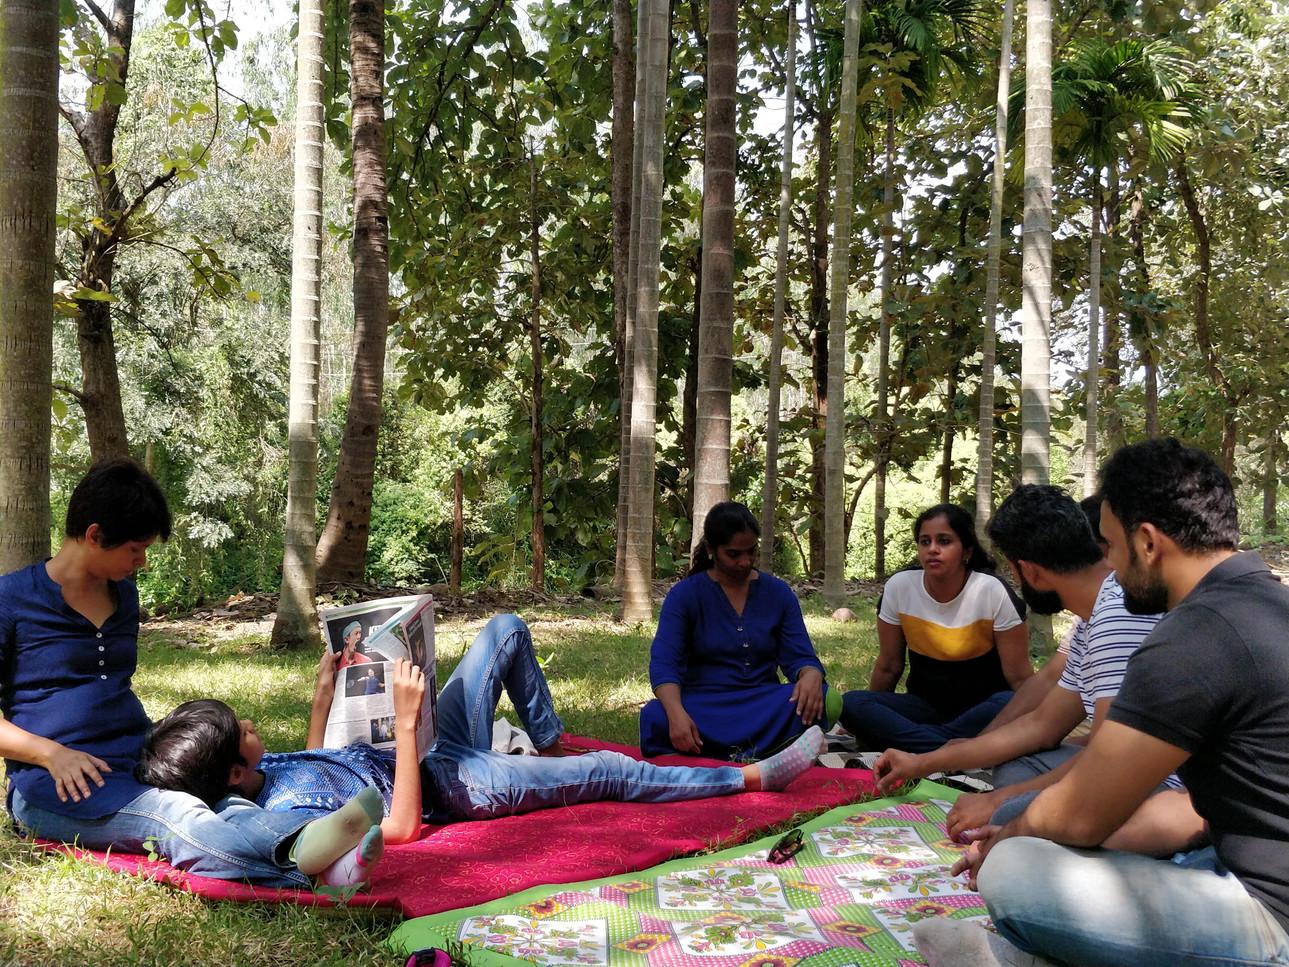 At a retreat